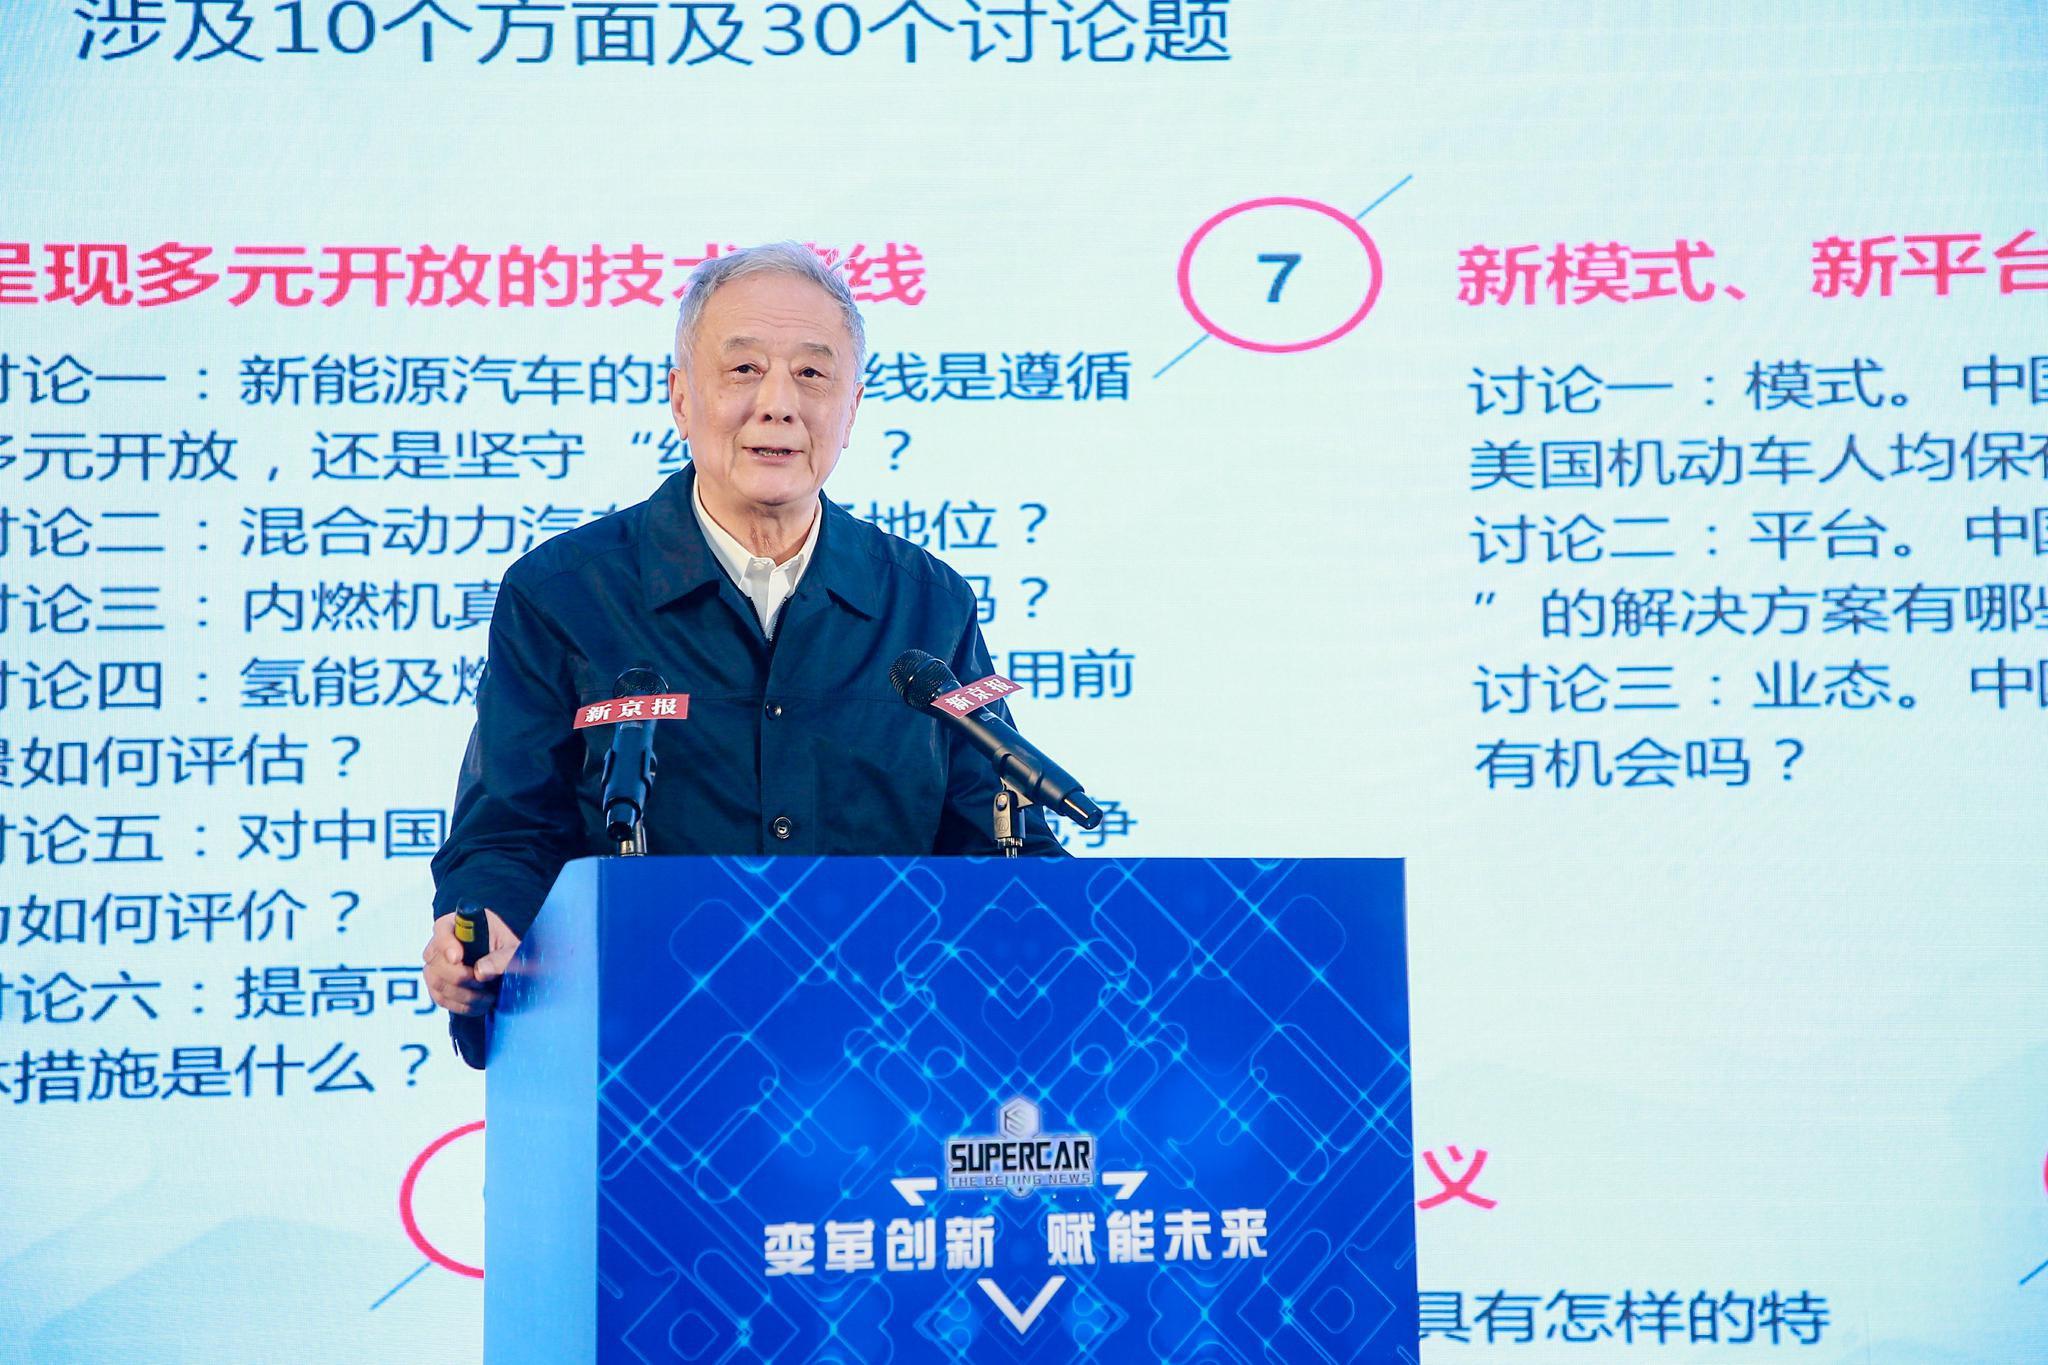 李万里:中国汽车产业健康发展前景可期图片